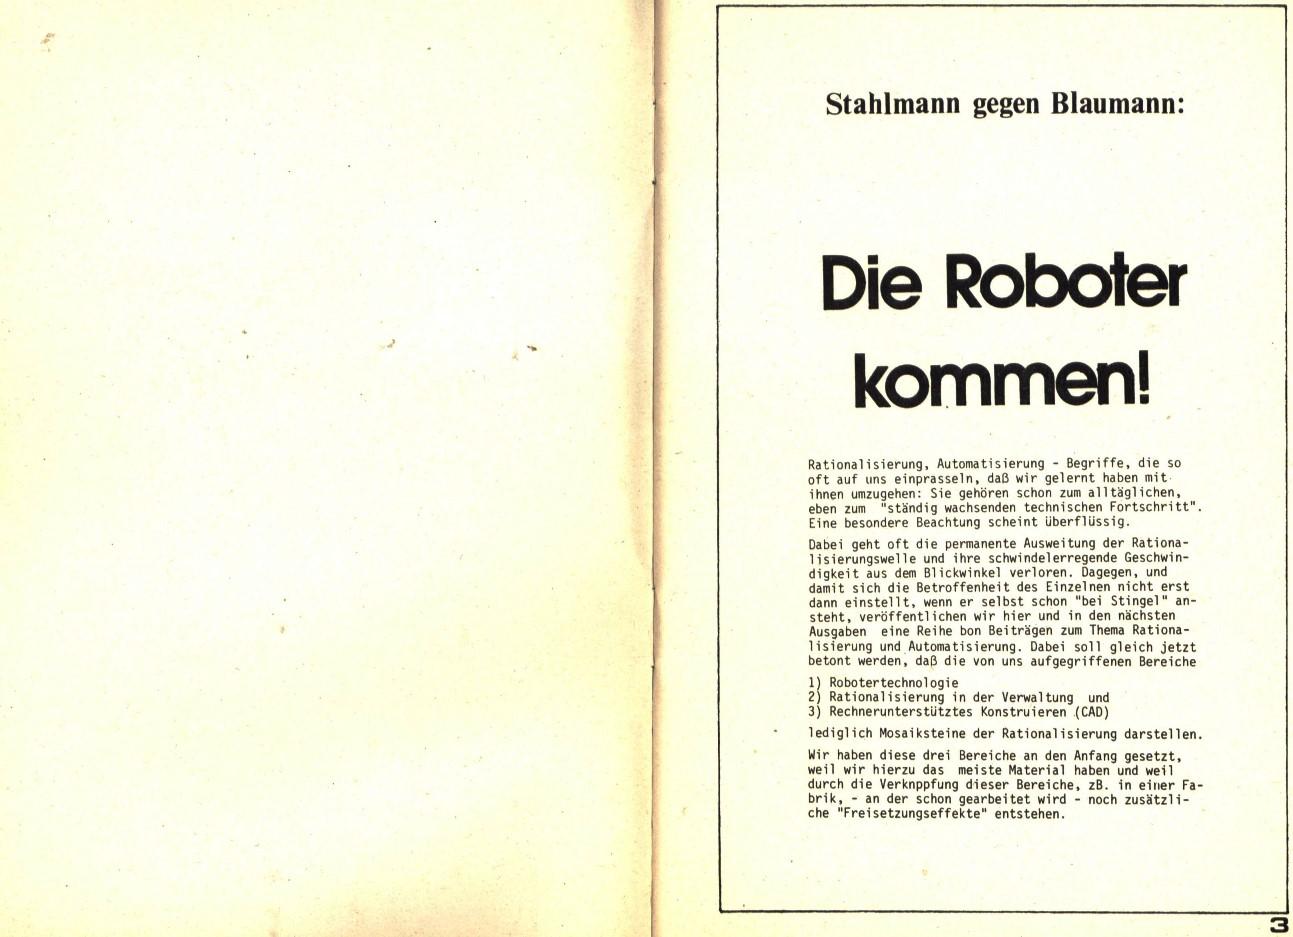 FAU_1990_Die_Roboter_kommen_03